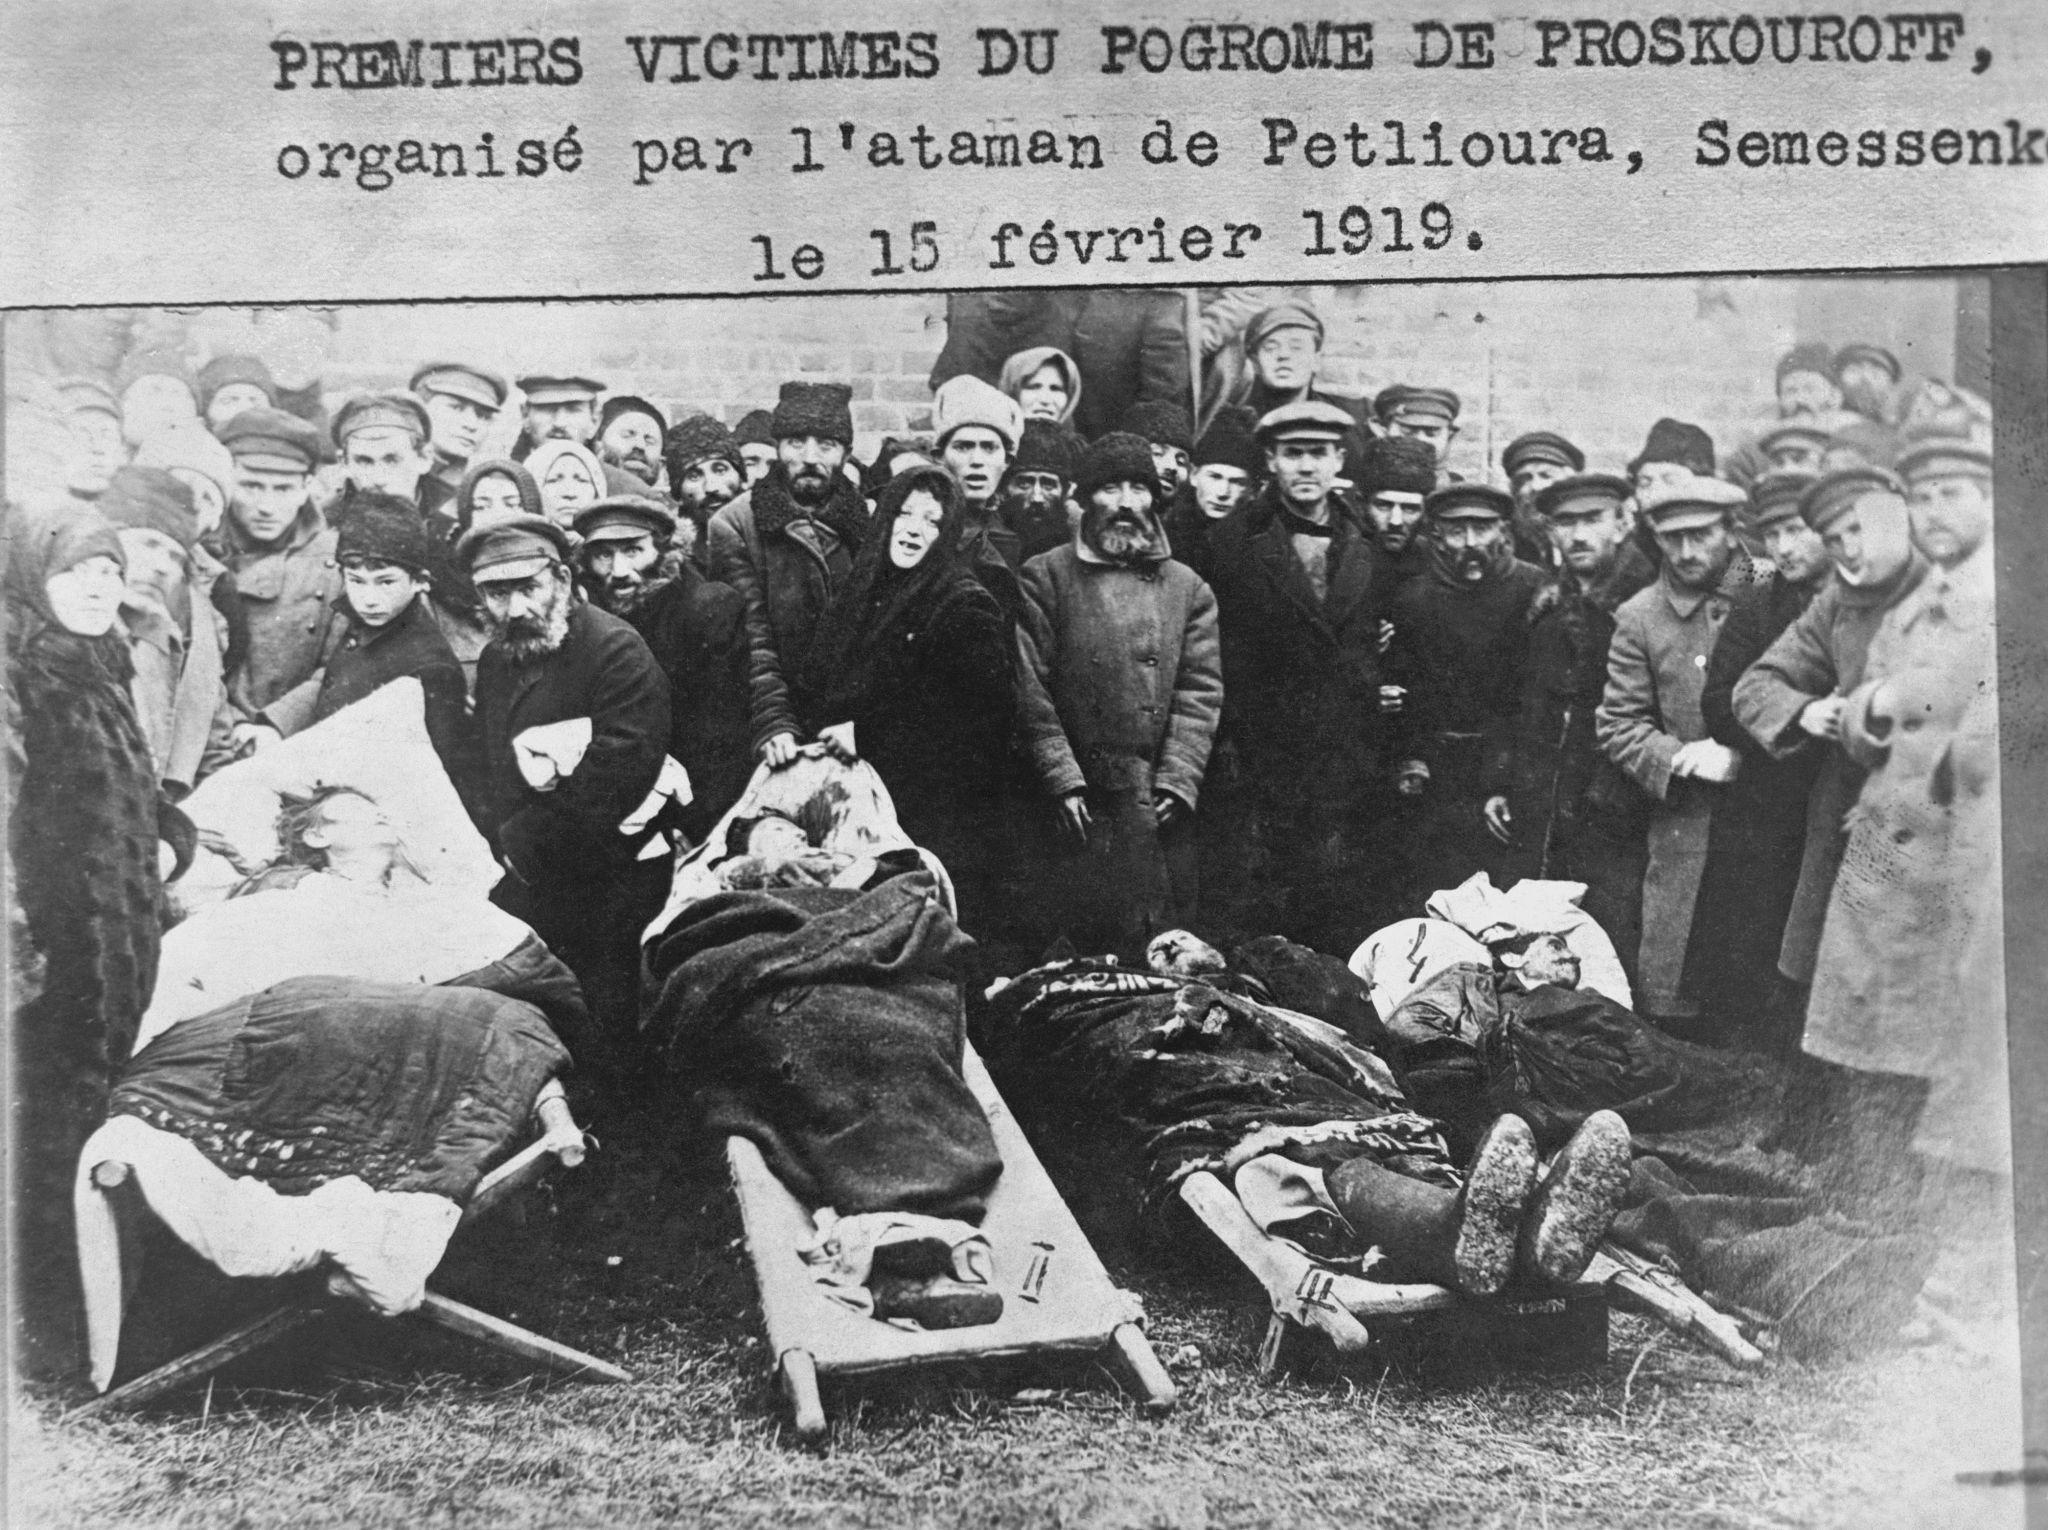 Первые жертвы Проскуровского погрома, проведенного петлюровскими казаками во главе с командиром Запорожской казачьей бригады Иваном Семесенко. Было всего убито свыше 1200 человек